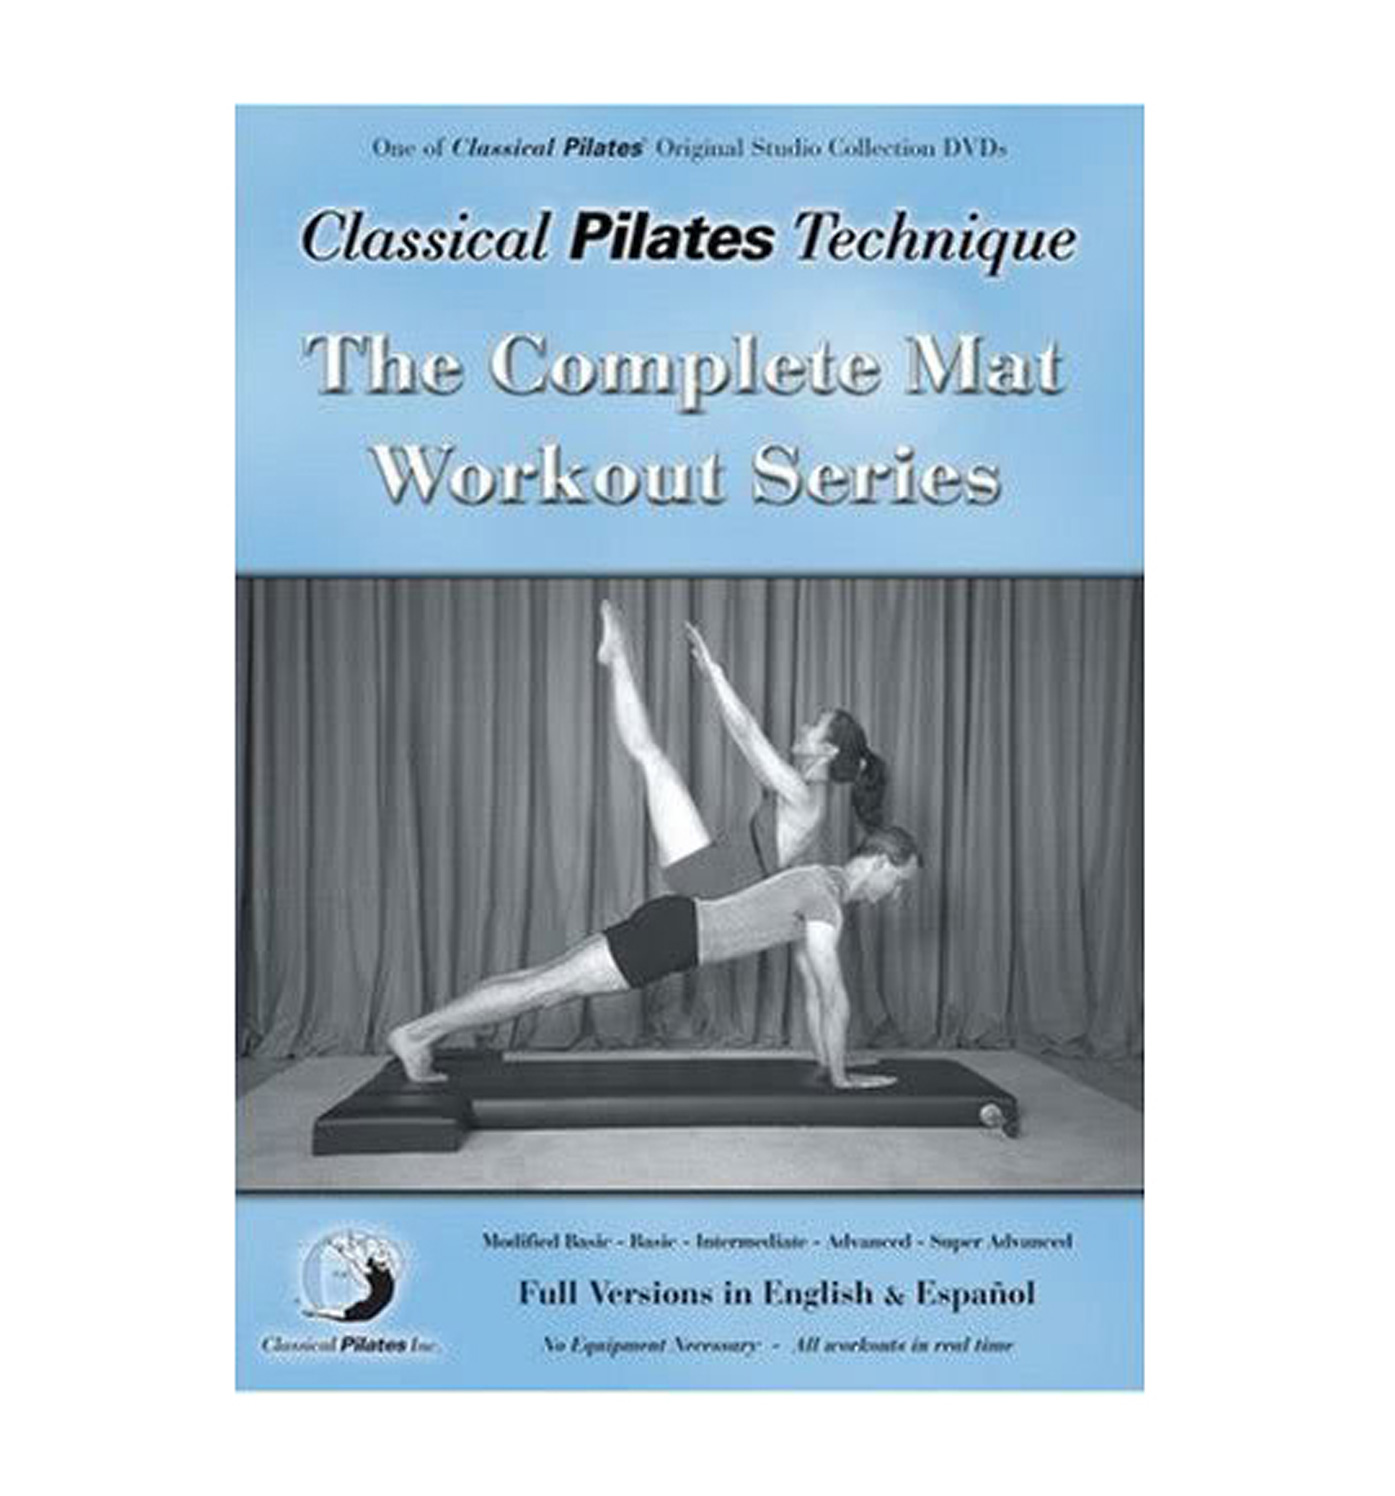 Classical Pilates Technique: The Complete Mat Workout